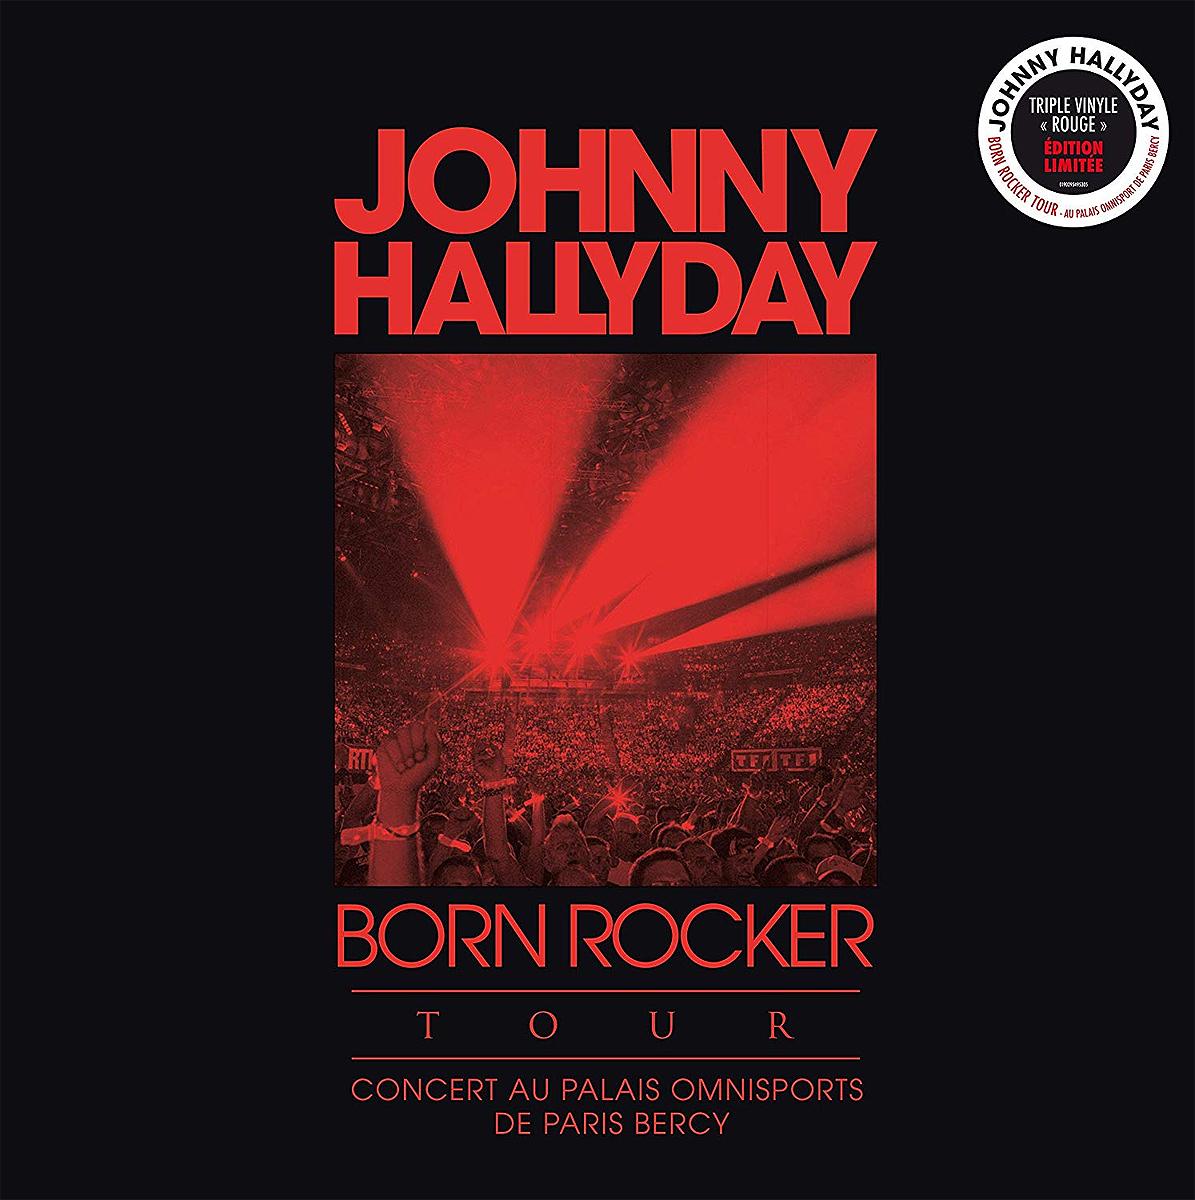 Джонни Холлидей Johnny Hallyday. Born Rocker Tour - Concert Au Palais Omnisports De Paris Bercy (3 LP) 2 2013